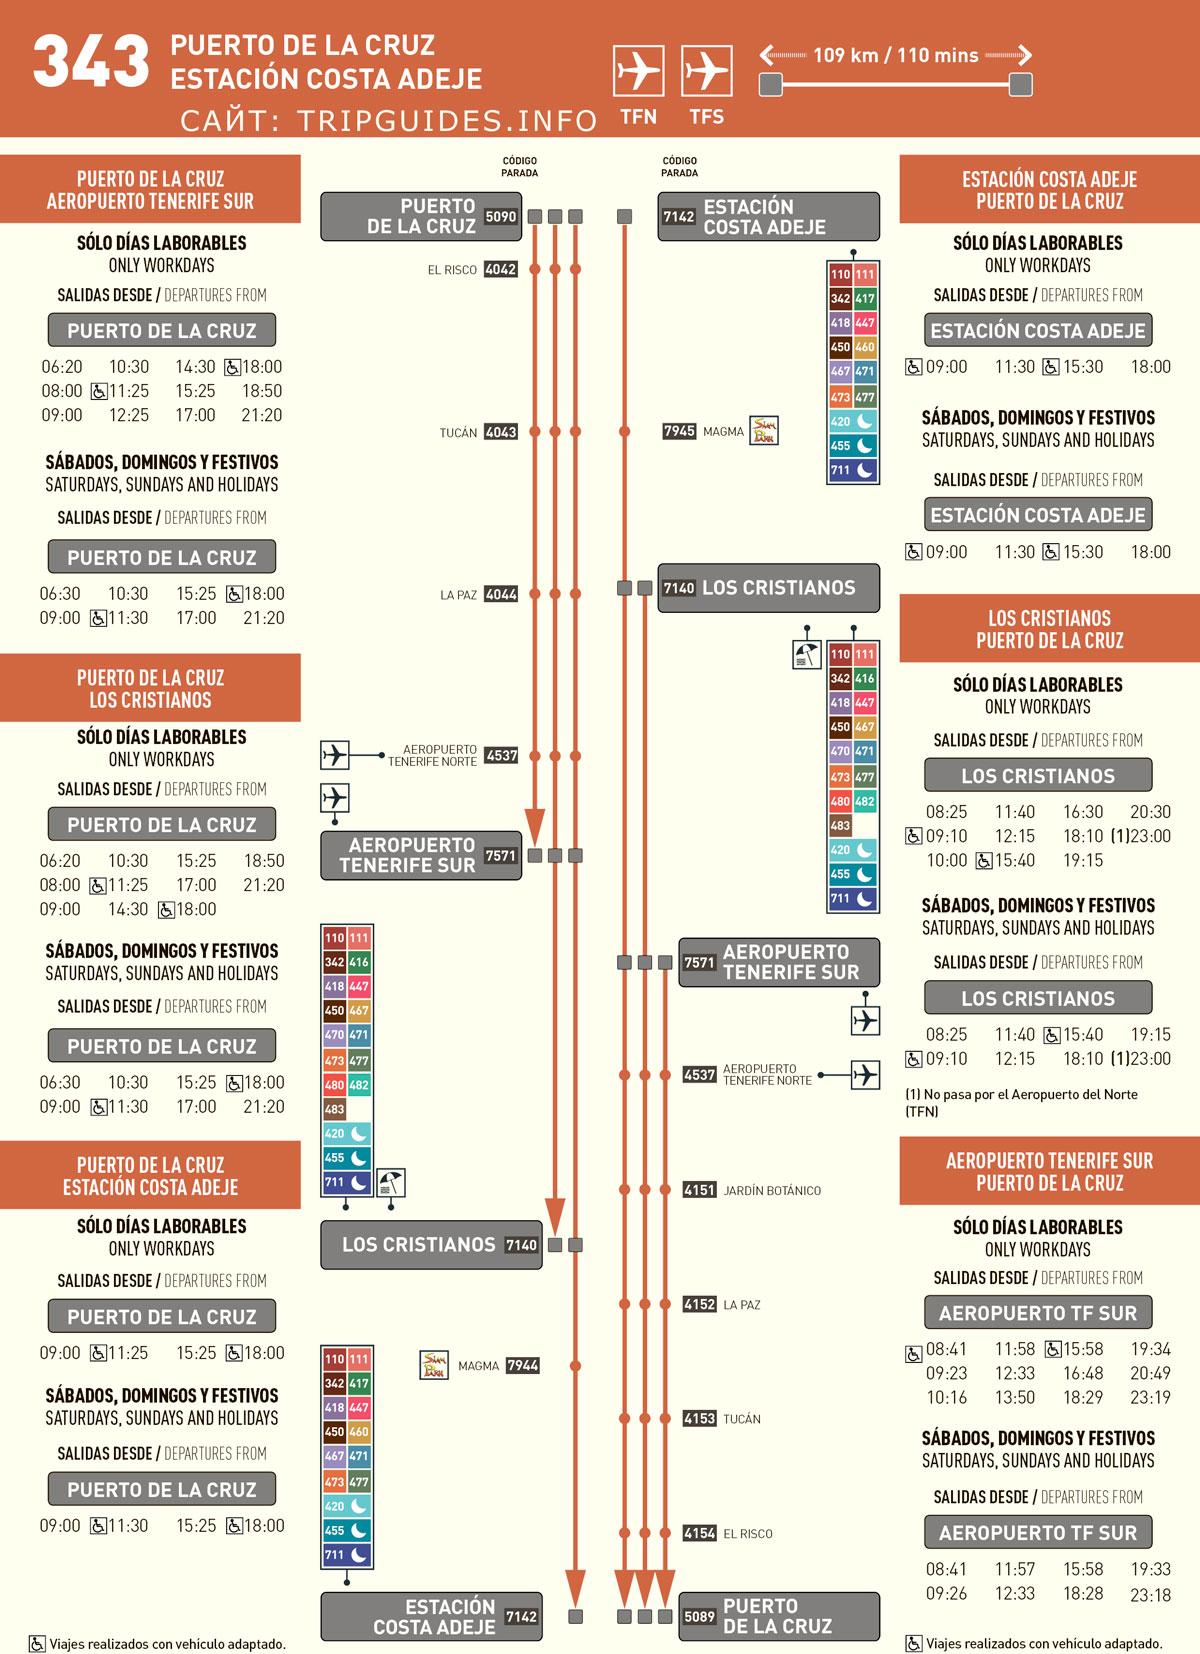 Расписание автобуса 343 в Пуэрто-де-Ла-Крус